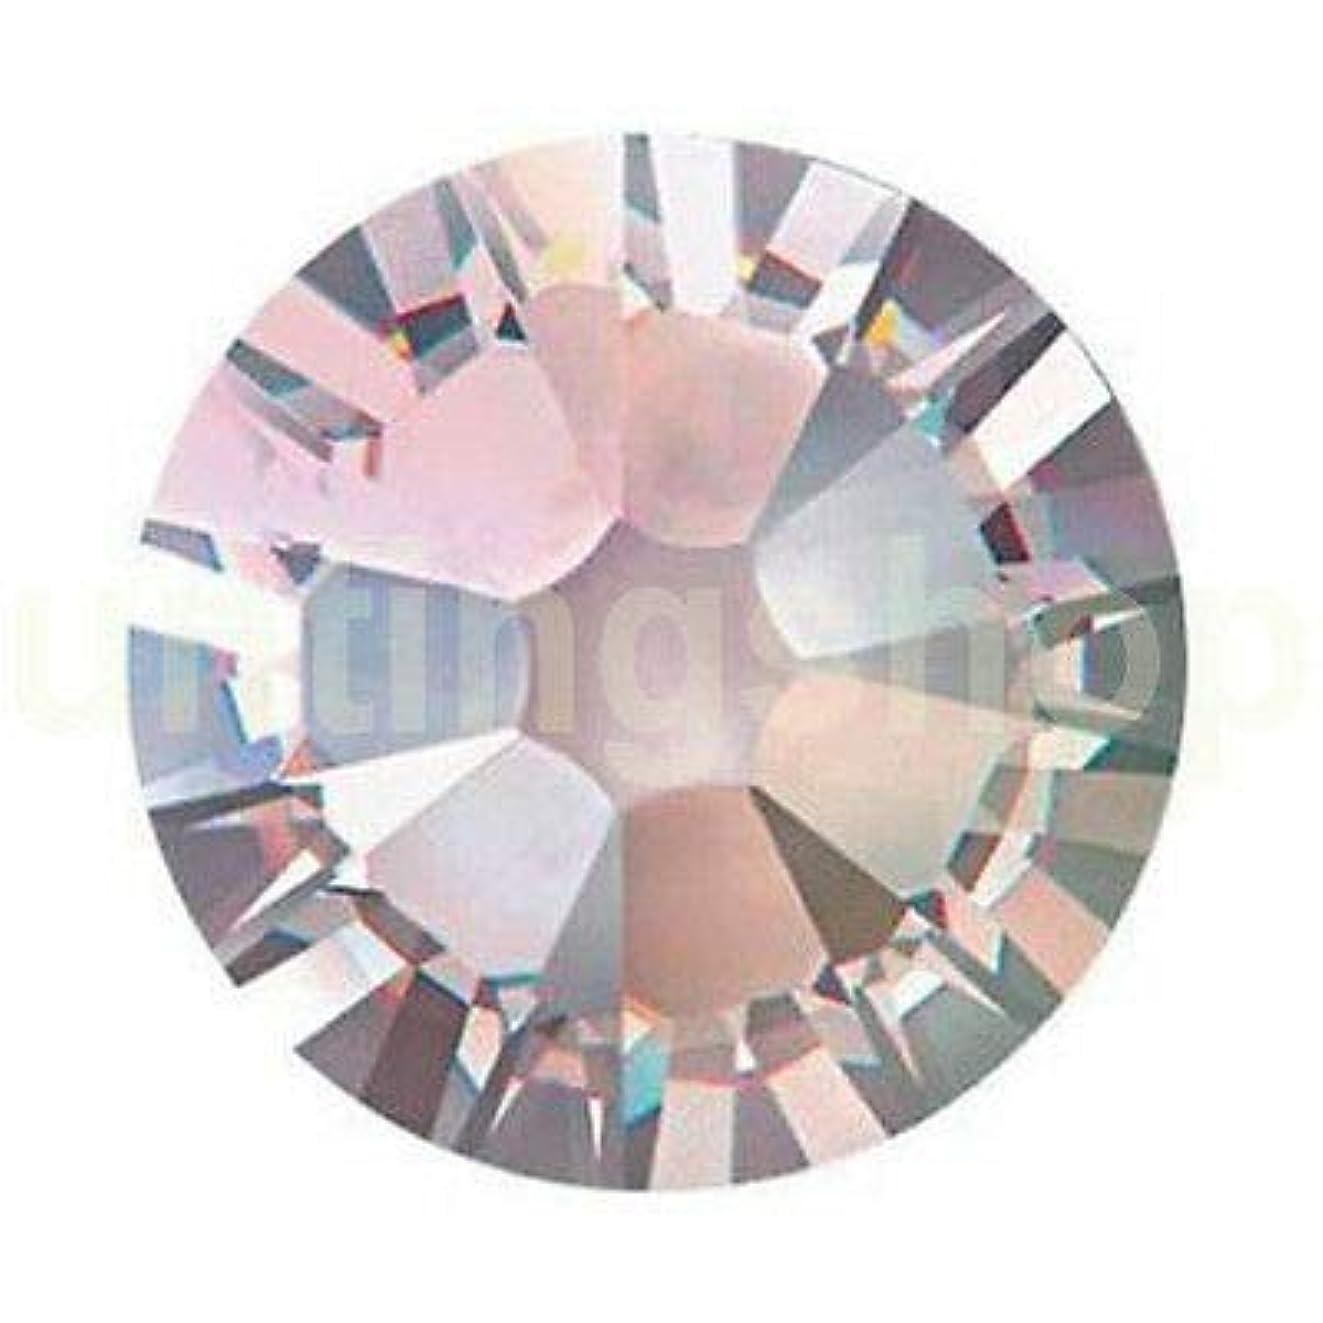 思われるすすり泣きウェーハFidgetGear DIY 1.3-8.5 mmクリスタルヒラタラインストーンネイルアートデコレーションSS3-SS40 クリスタルAB